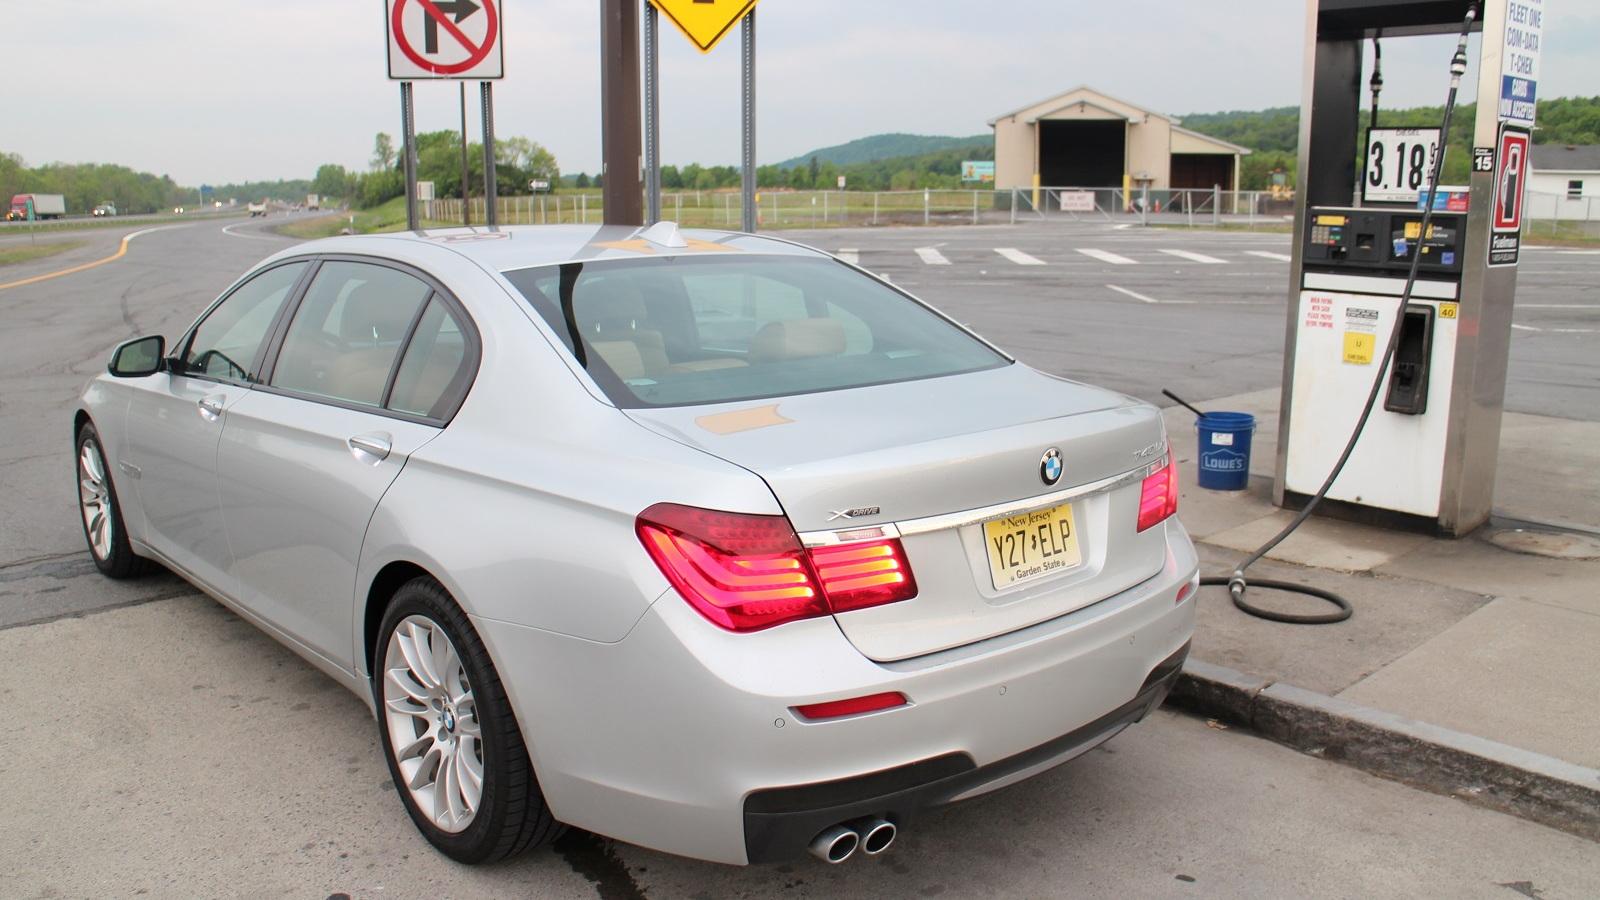 2015 BMW 740Ld xDrive, upstate New York, May 2015